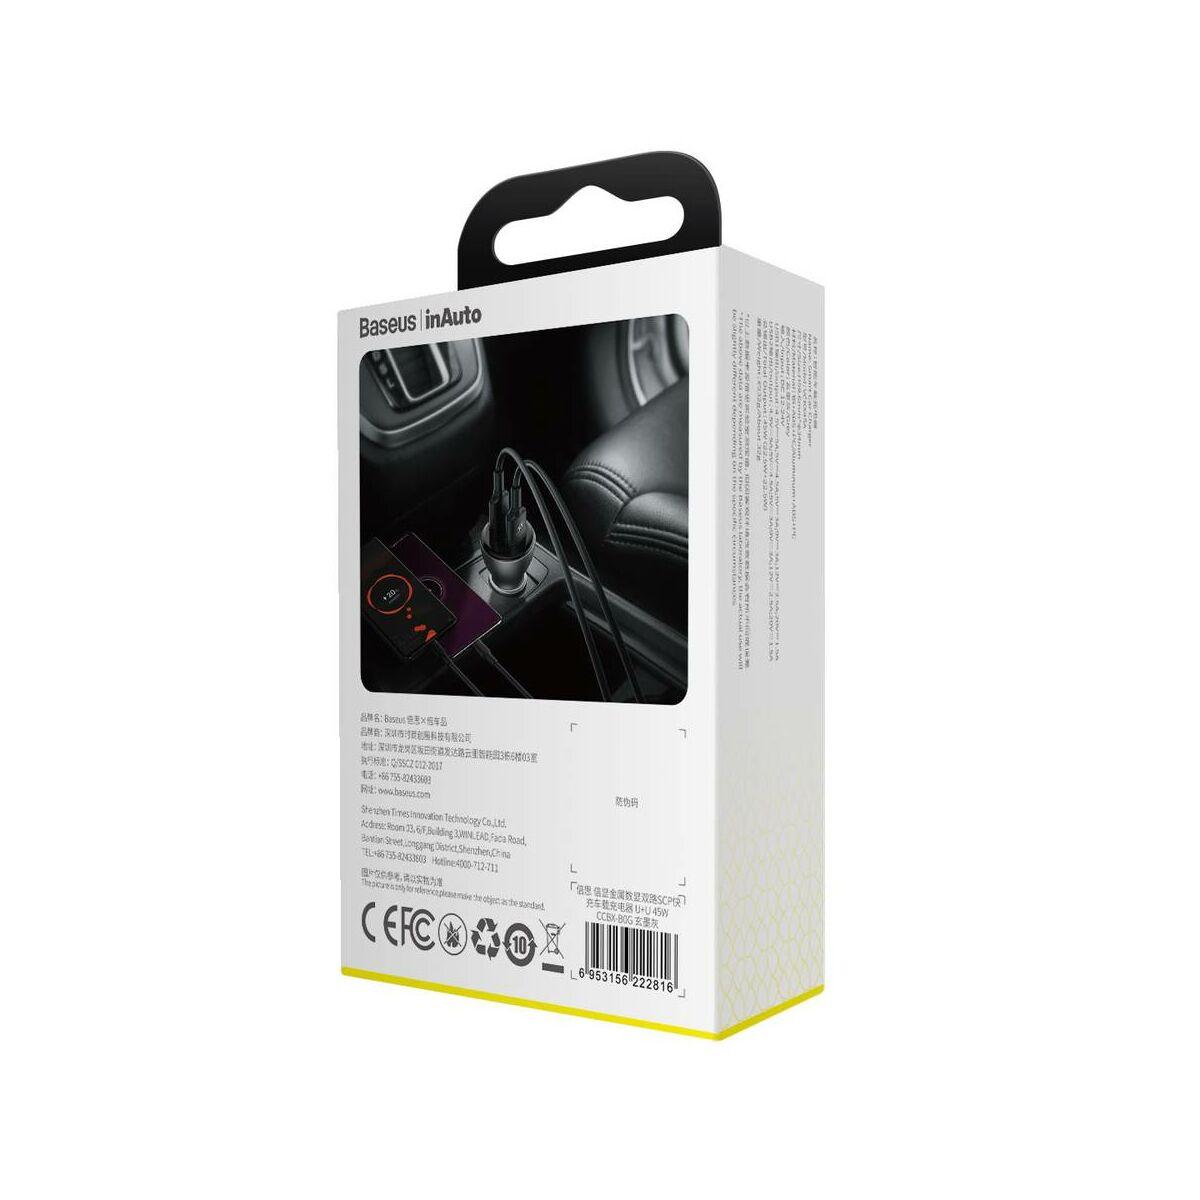 Baseus autós töltő, digitális kijelzővel dupla SCP QC 2xUSB, 45W, szürke (CCBX-B0G)